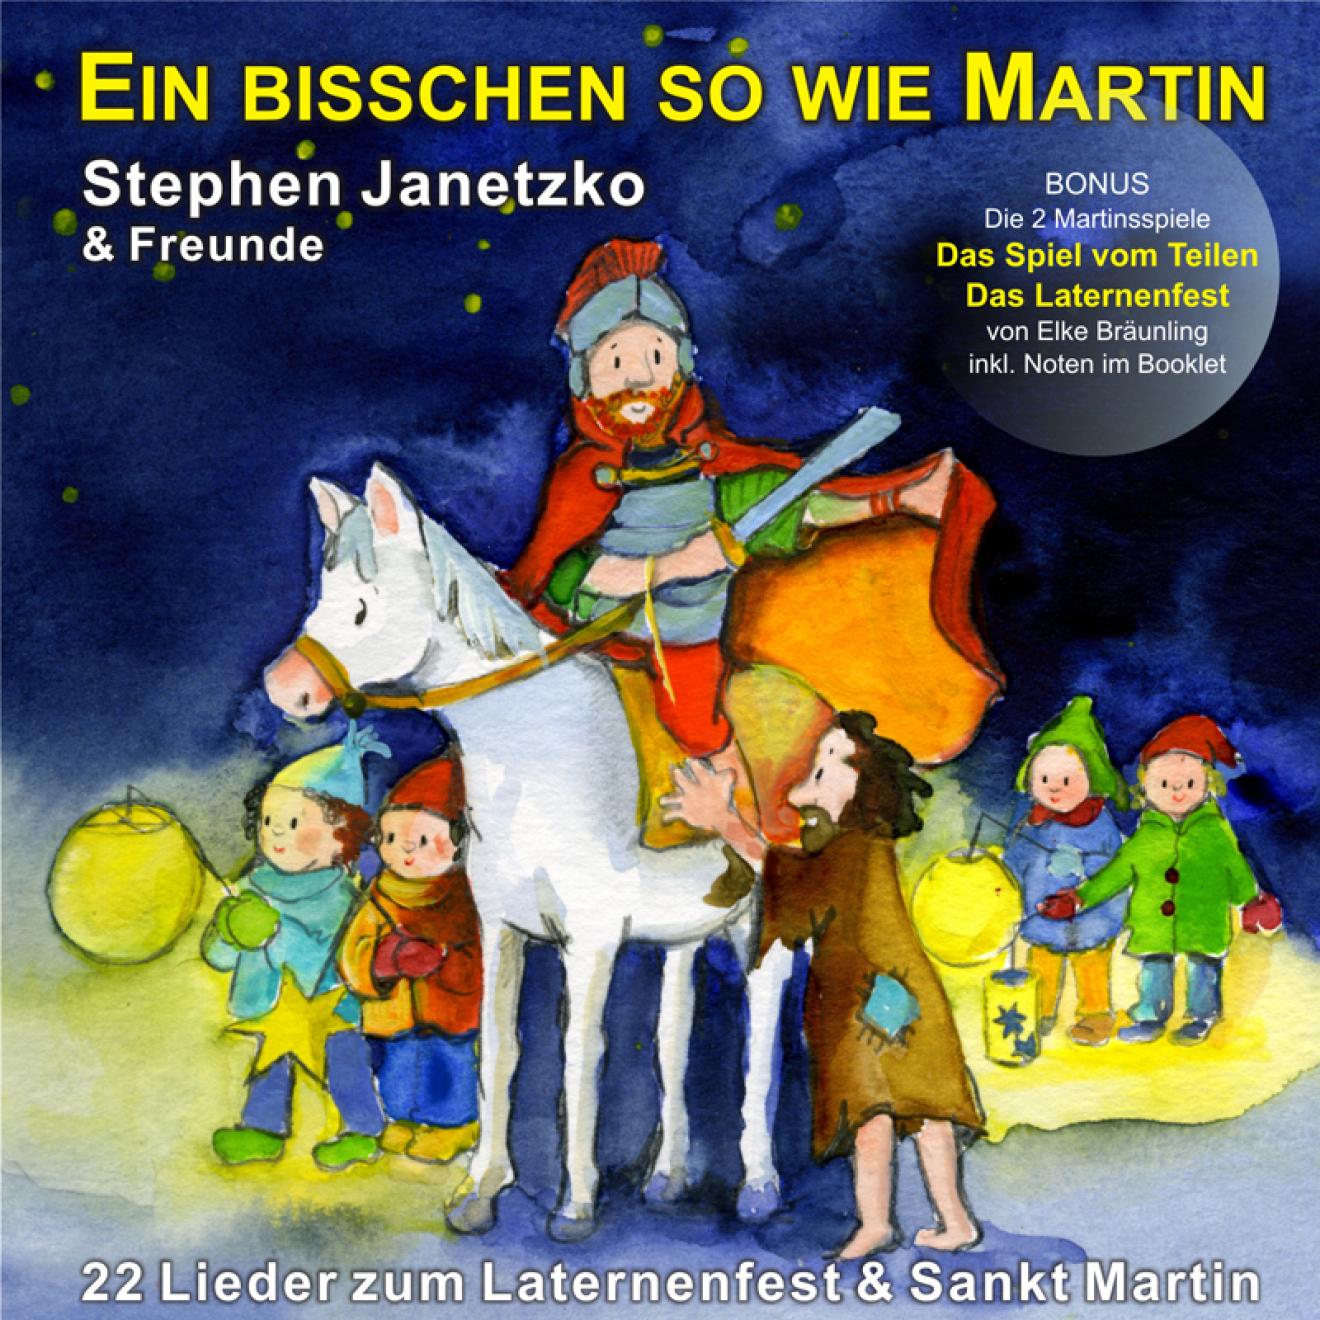 Ein bisschen so wie Martin - 22 Lieder zum Laternenfest & Sankt Martin